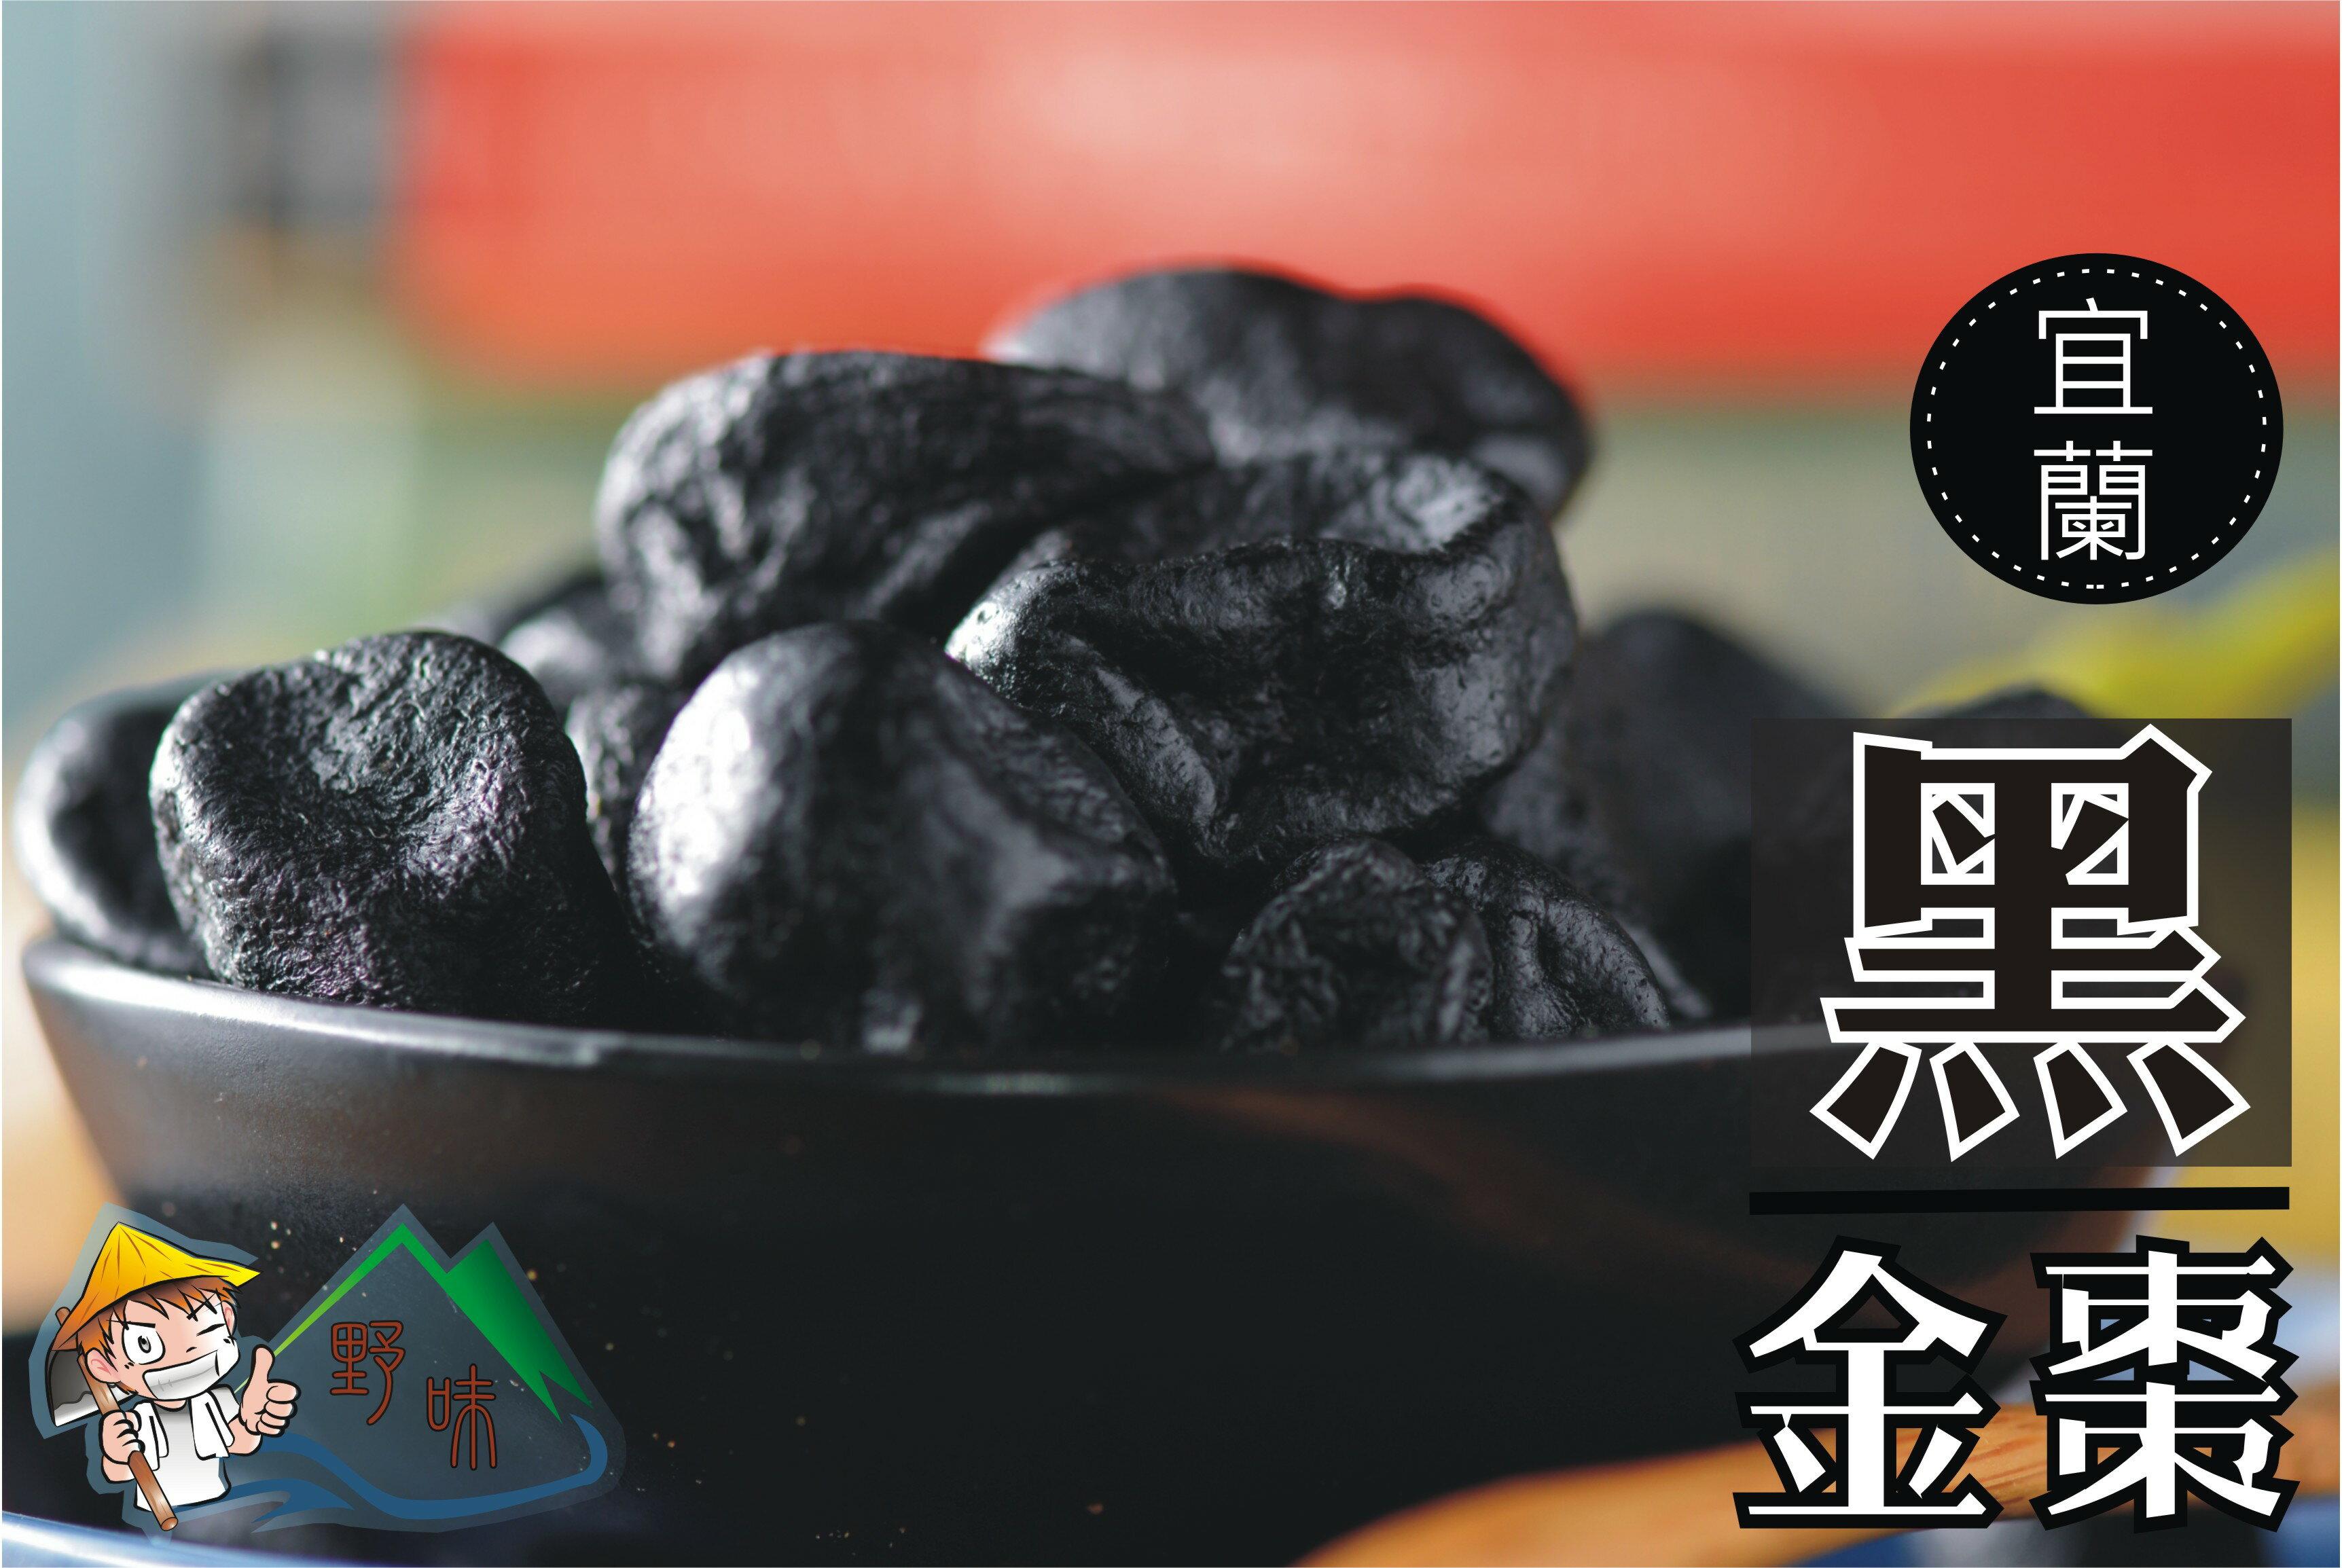 【野味食品】宜蘭黑金棗(金棗乾)(250g / 包,700g / 包)(桃園出貨) 2